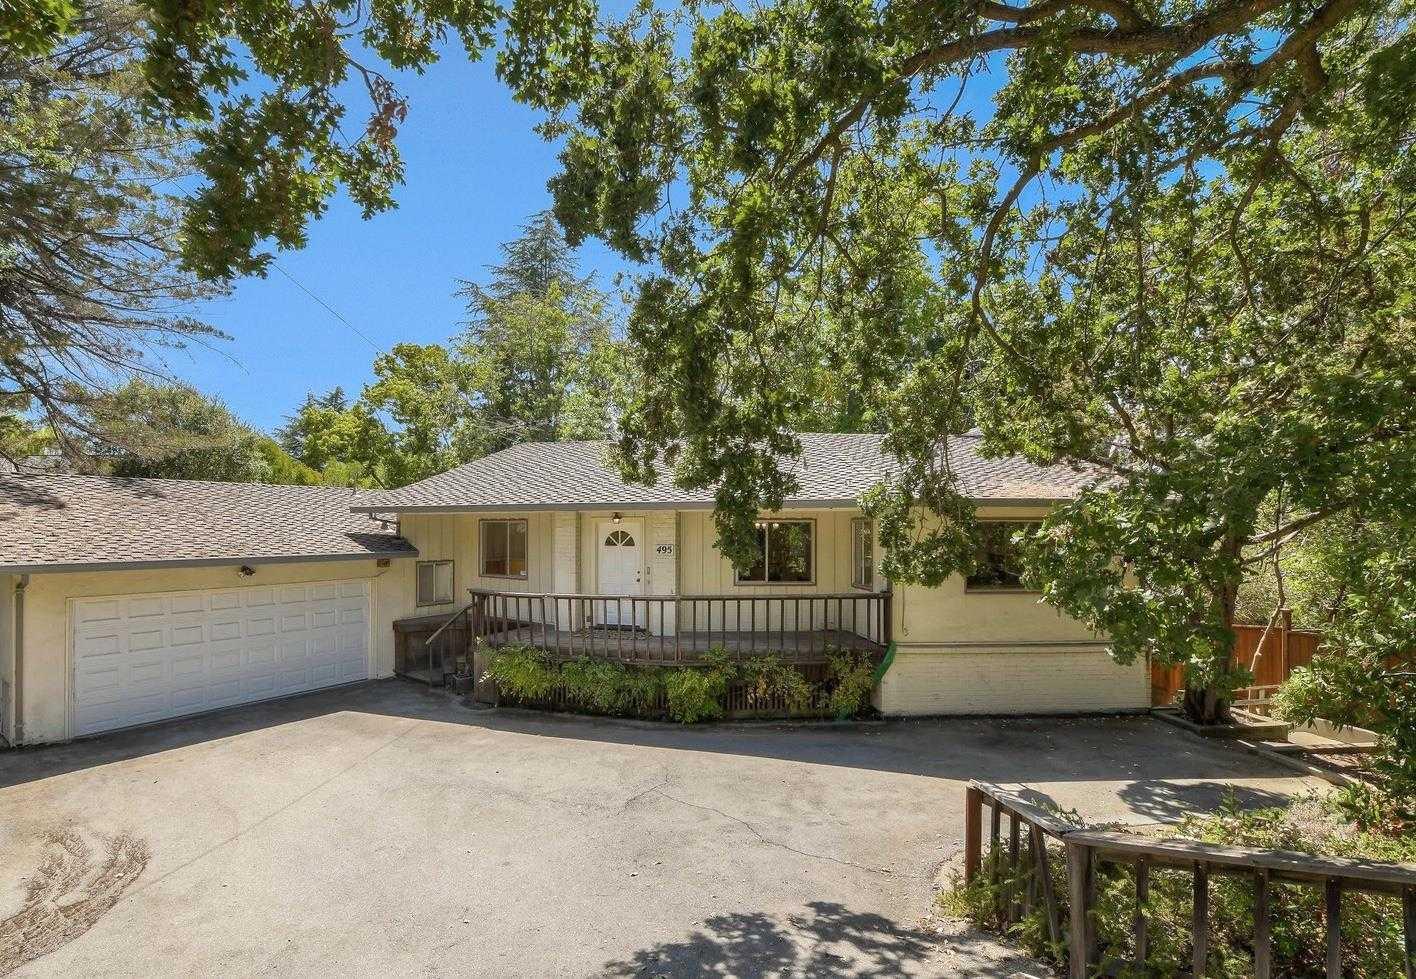 $3,425,000 - 5Br/4Ba -  for Sale in Los Altos